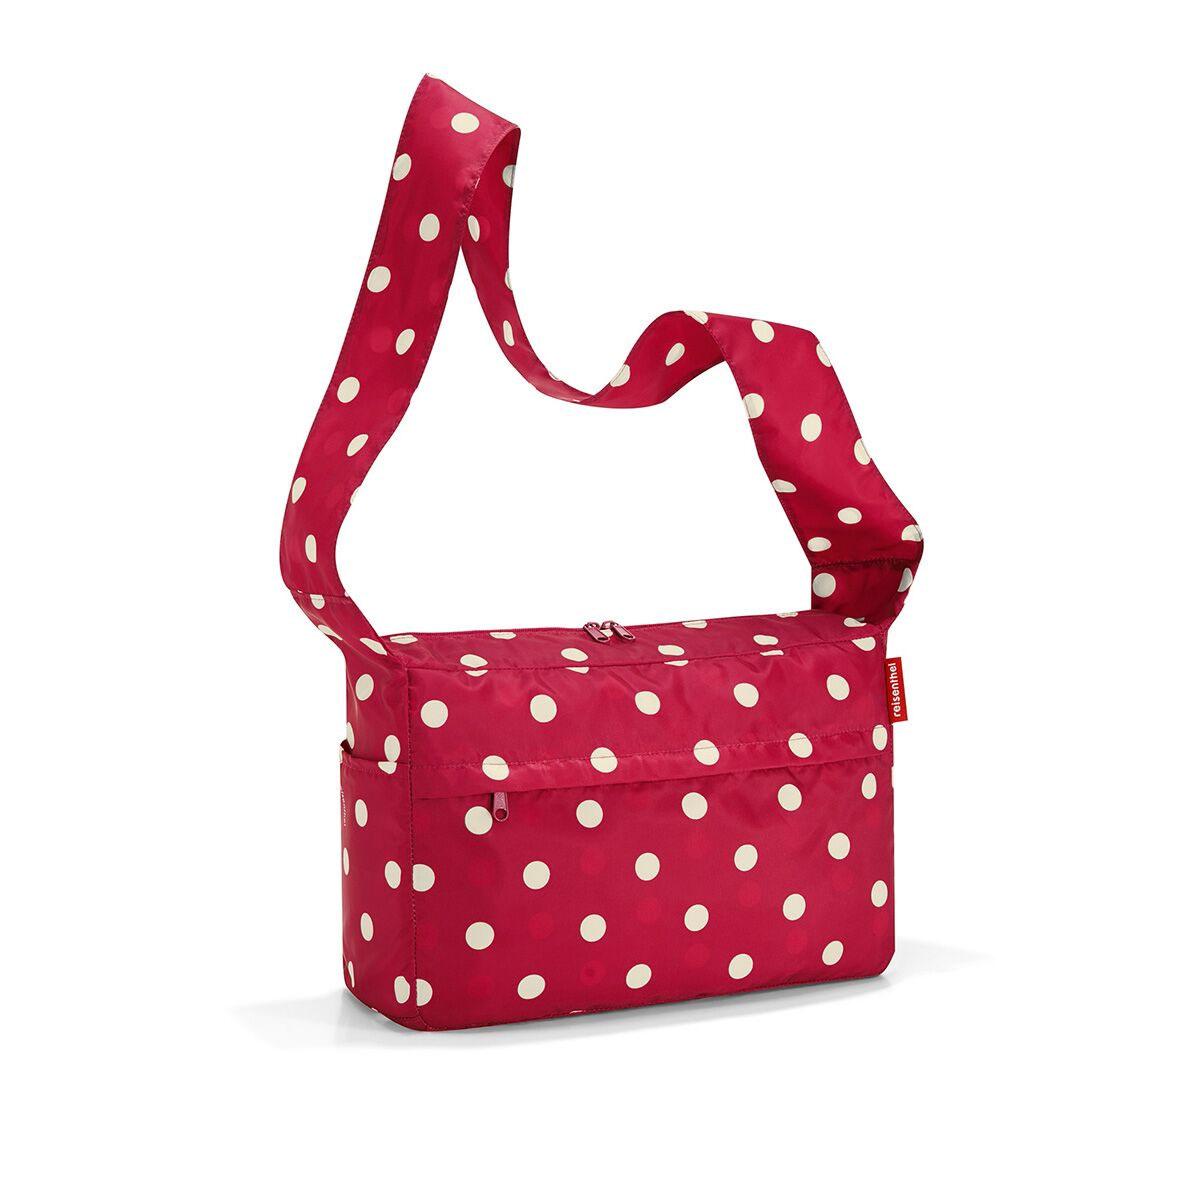 Сумка женская Reisenthel, складная, цвет: темно-красный, светло-бежевый. AL3014AL3014Стильная женская сумка Reisenthel изготовлена из текстиля с принтом в горох. Сумка имеет одно отделение, которое закрывается на застежку-молнию с двумя бегунками. Внутри имеется нашивной карман на застежке-молнии, в который сумка складывается и приобретает компактный вид. Снаружи, на передней стенке расположен накладной карман на застежке-молнии. По бокам расположены открытые накладные карманы. Изделие оснащено удобным наплечным ремнем.